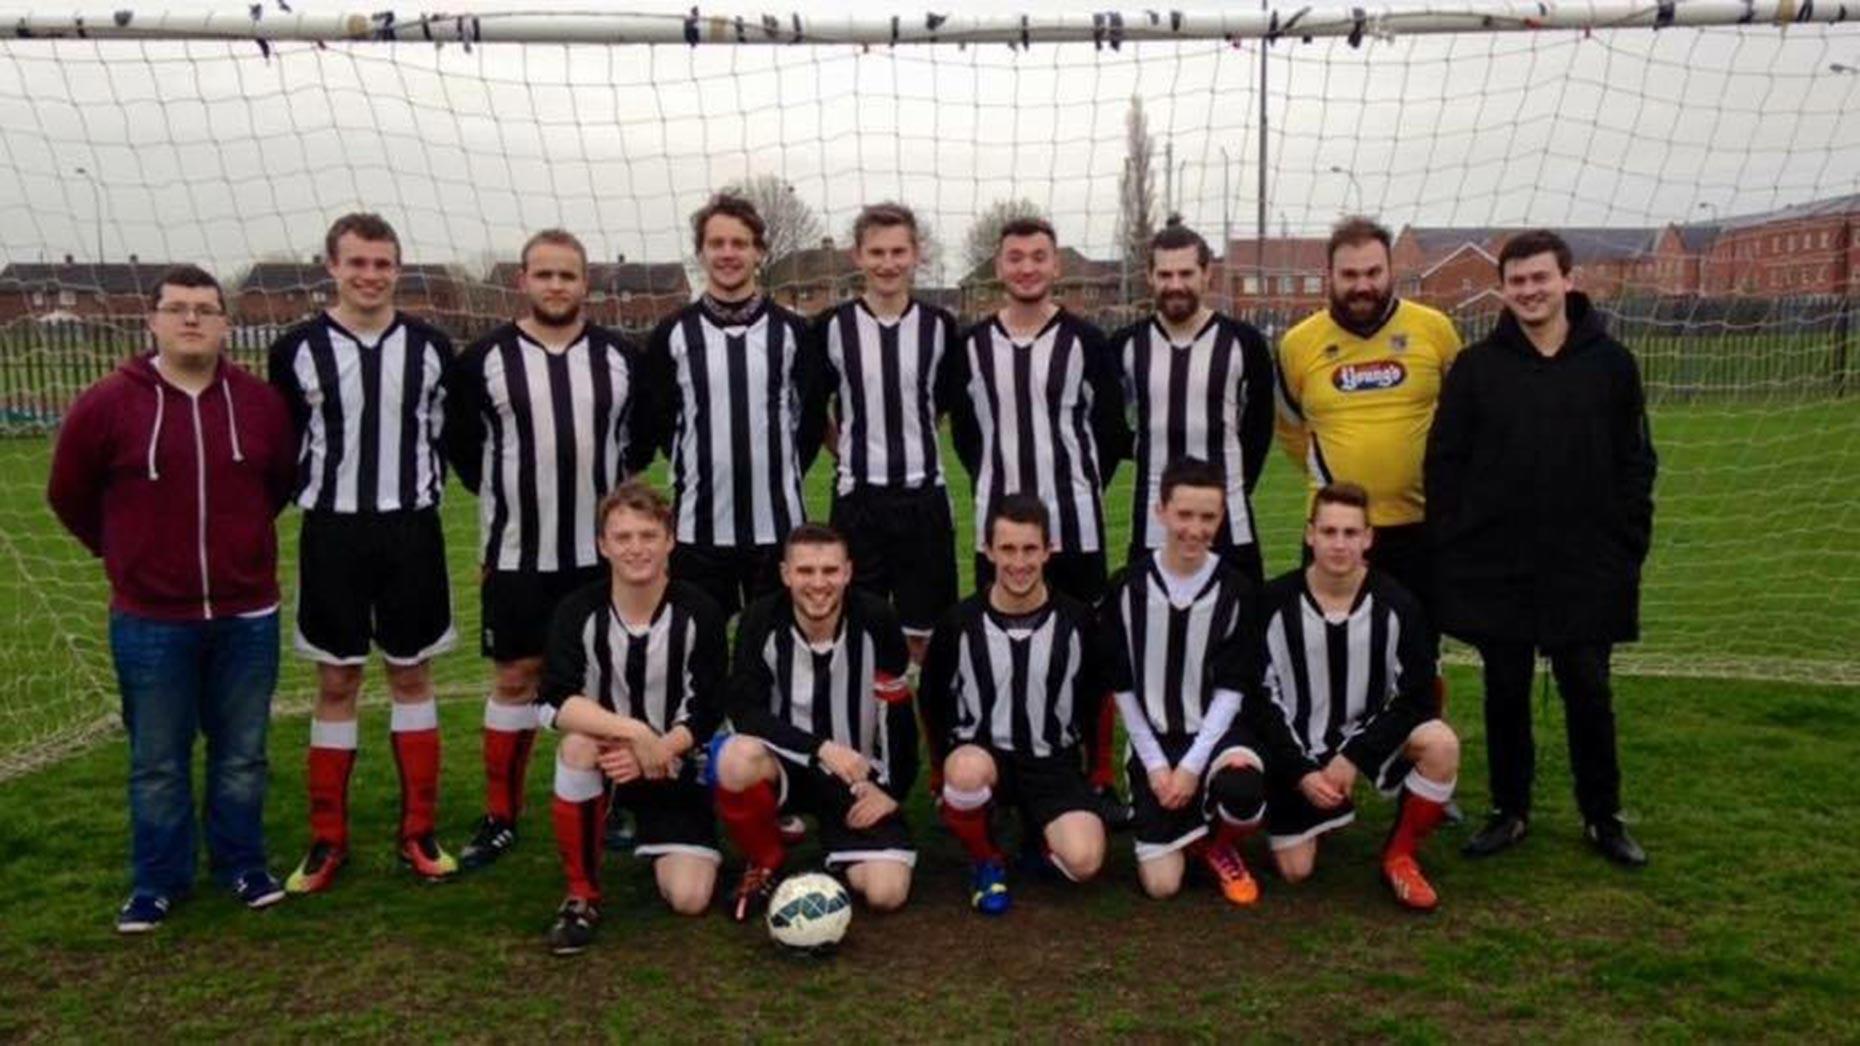 Broadley FC, based in Lincoln